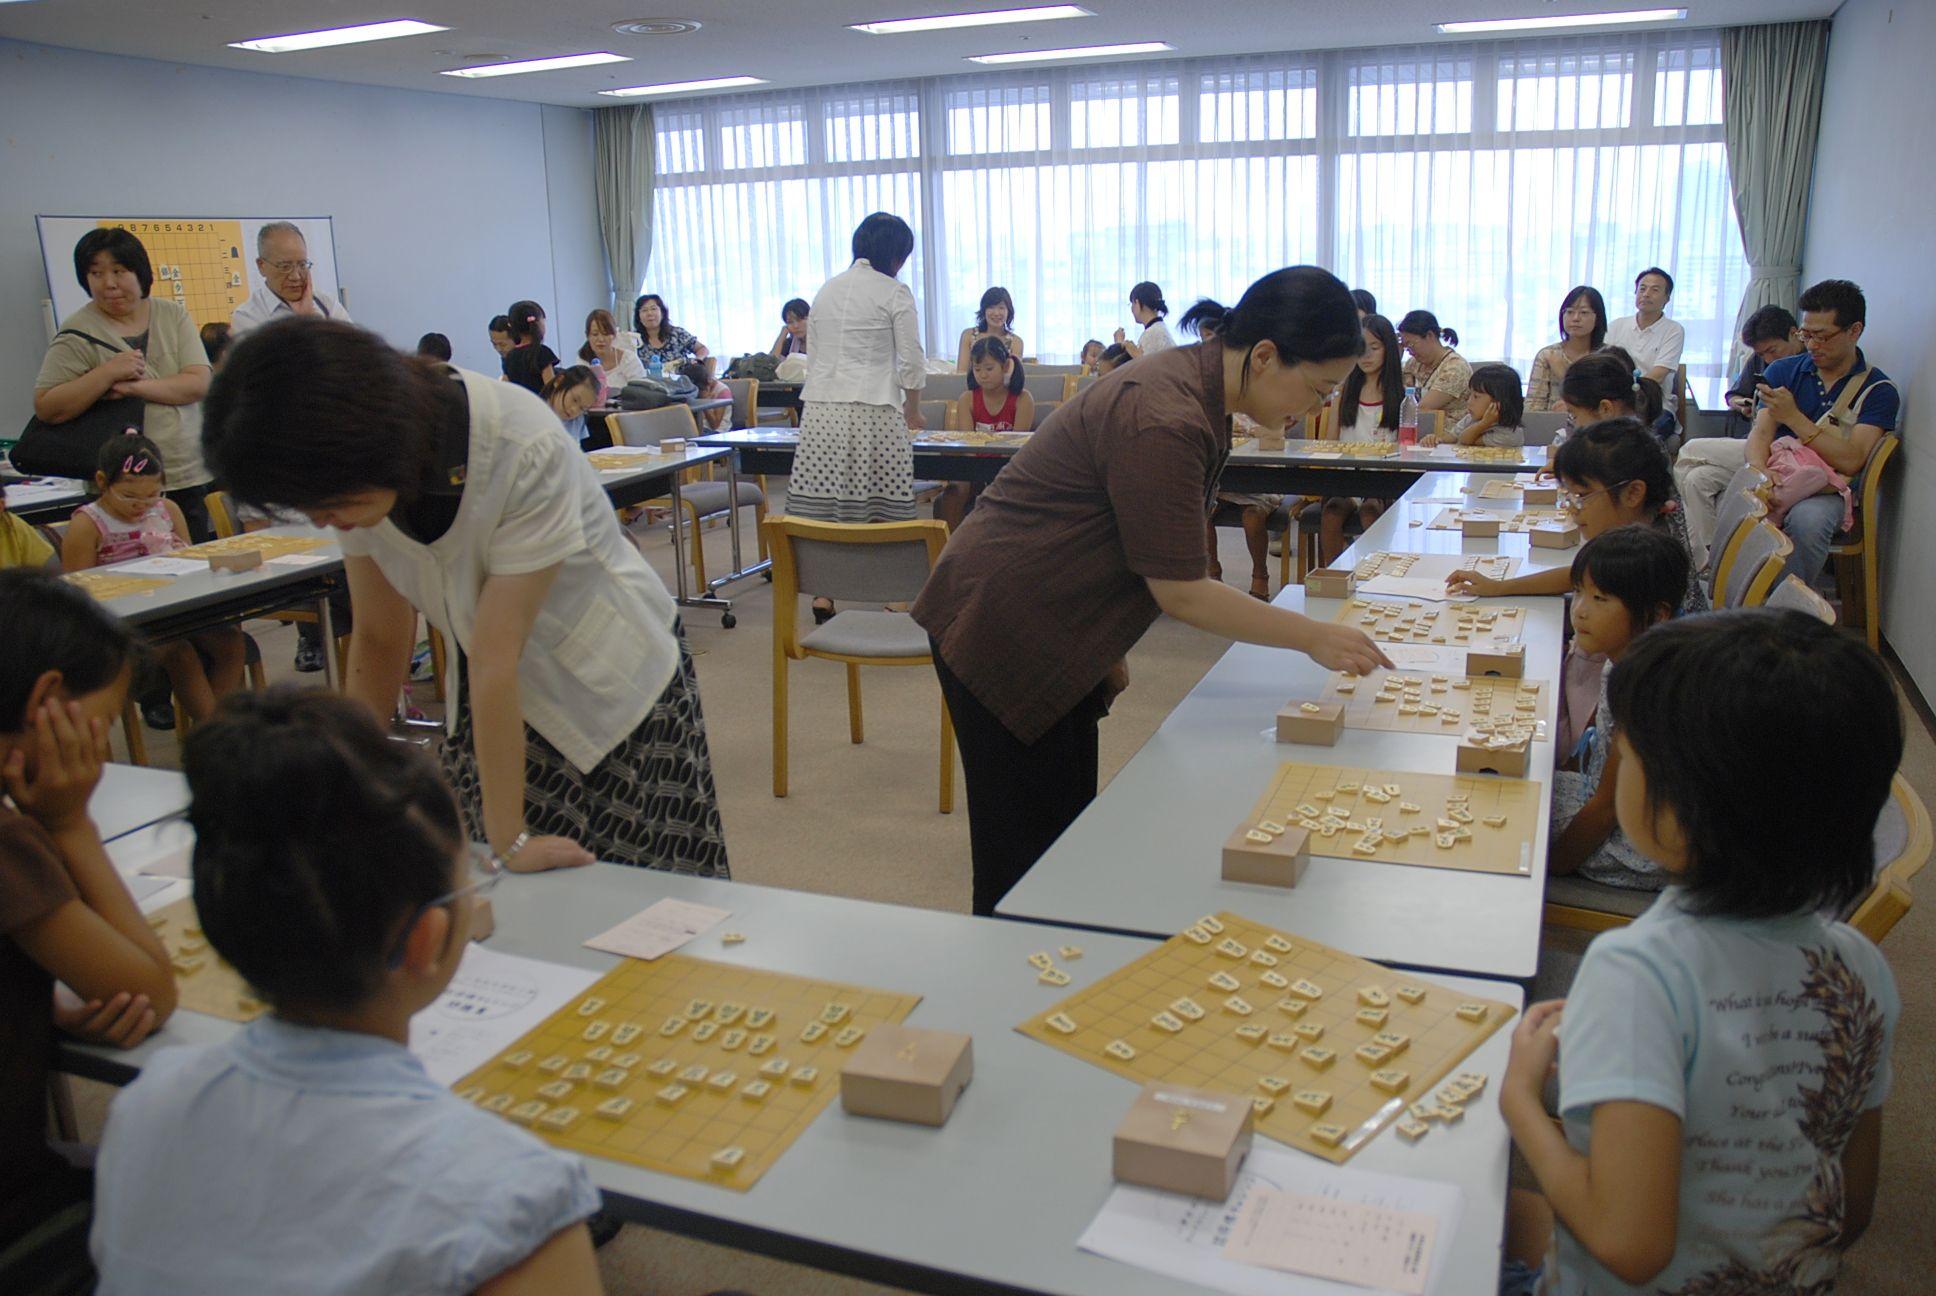 第2回小学生女流将棋名人戦99东京大会图片